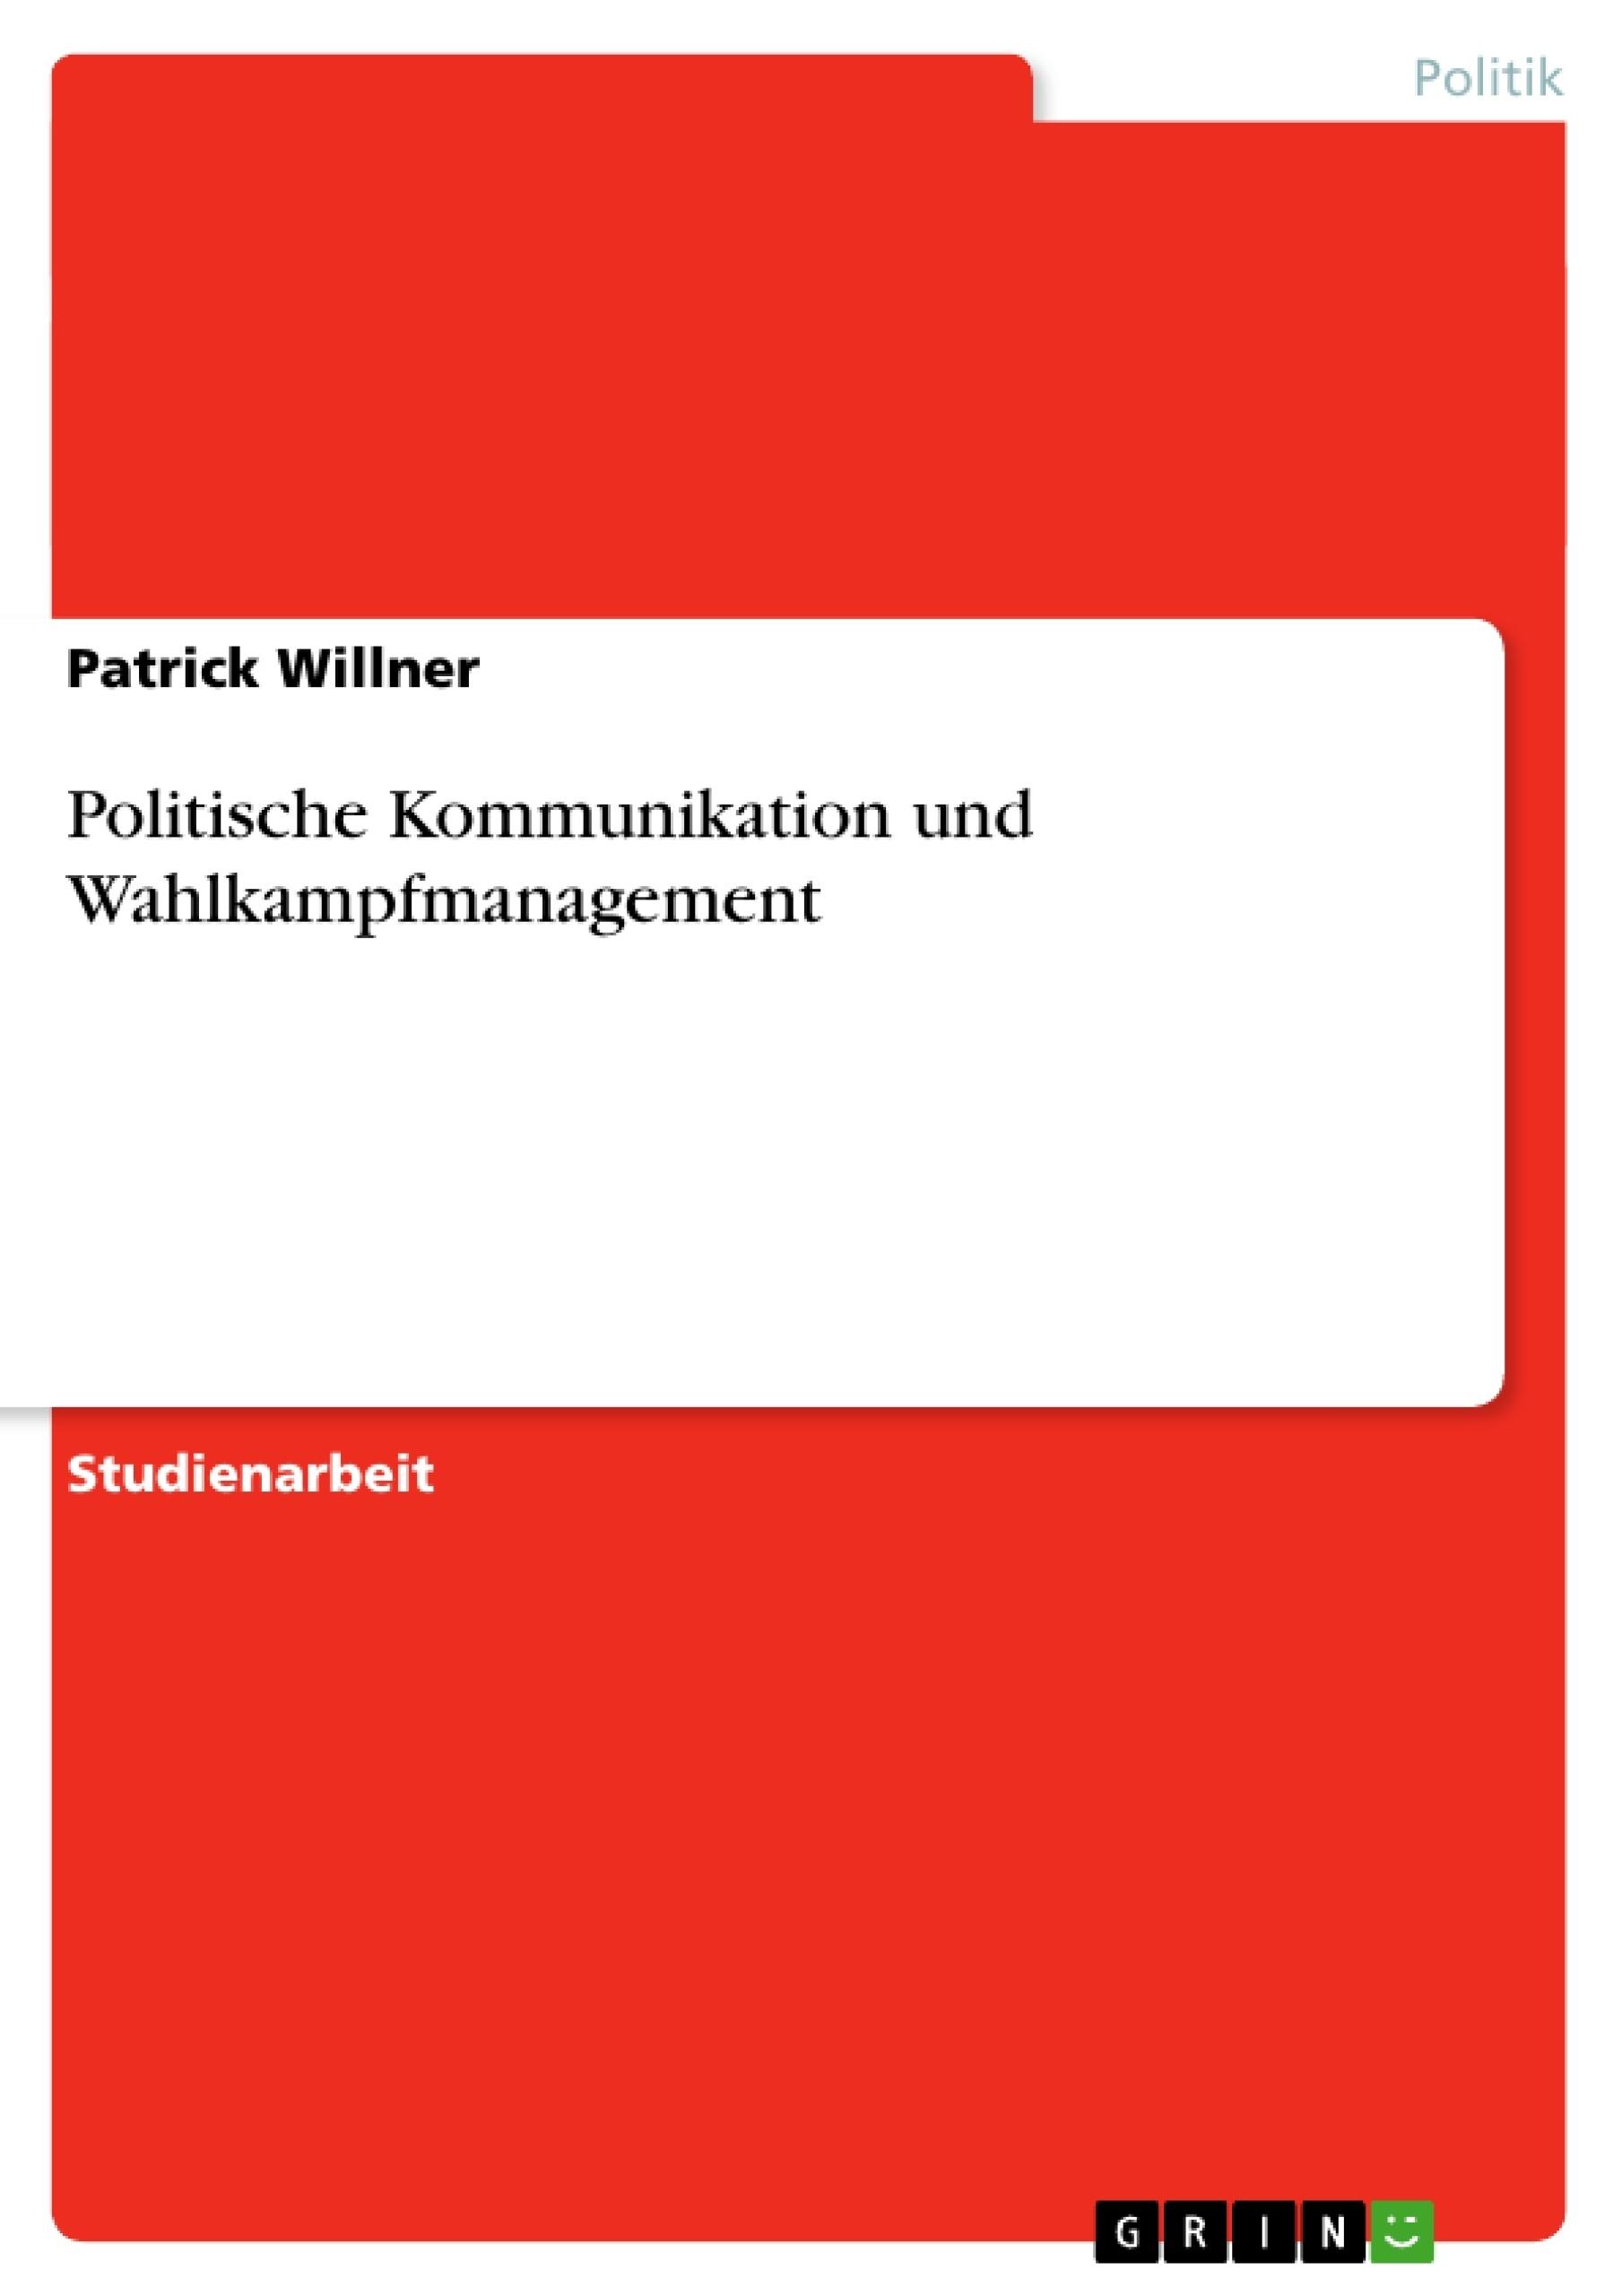 Titel: Politische Kommunikation und Wahlkampfmanagement